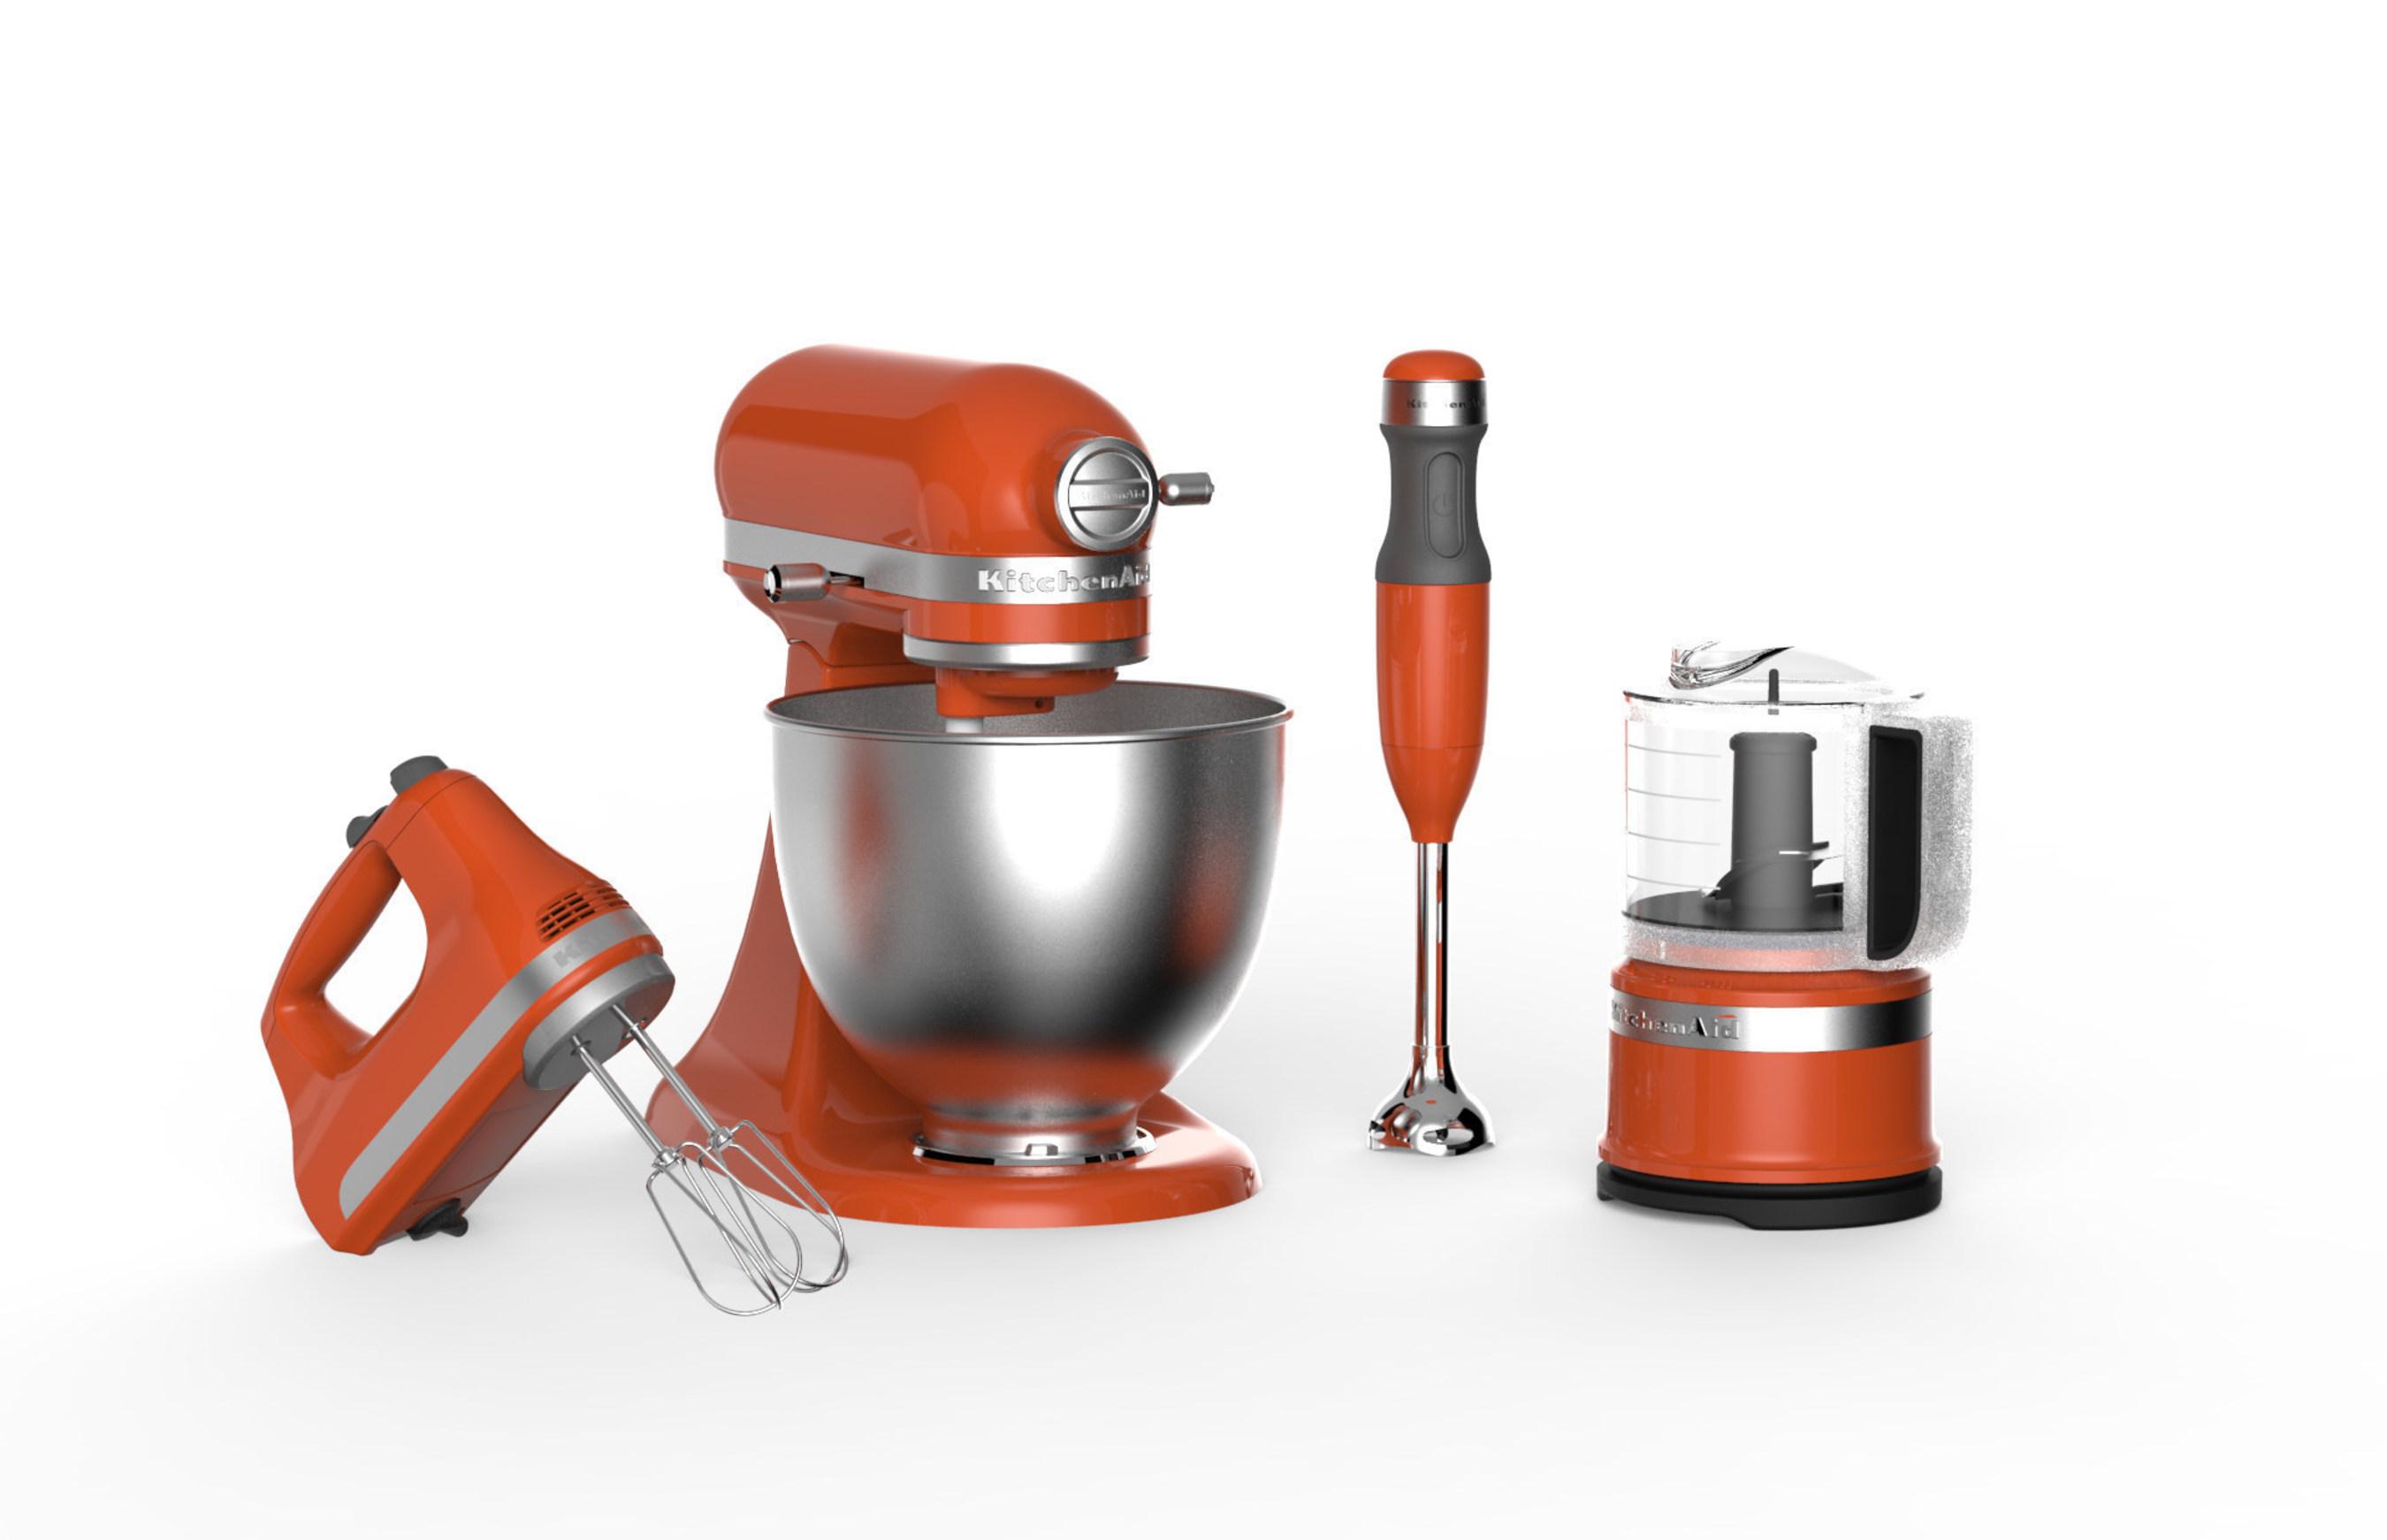 KitchenAid Unveils Fresh New Colors At Housewares Show